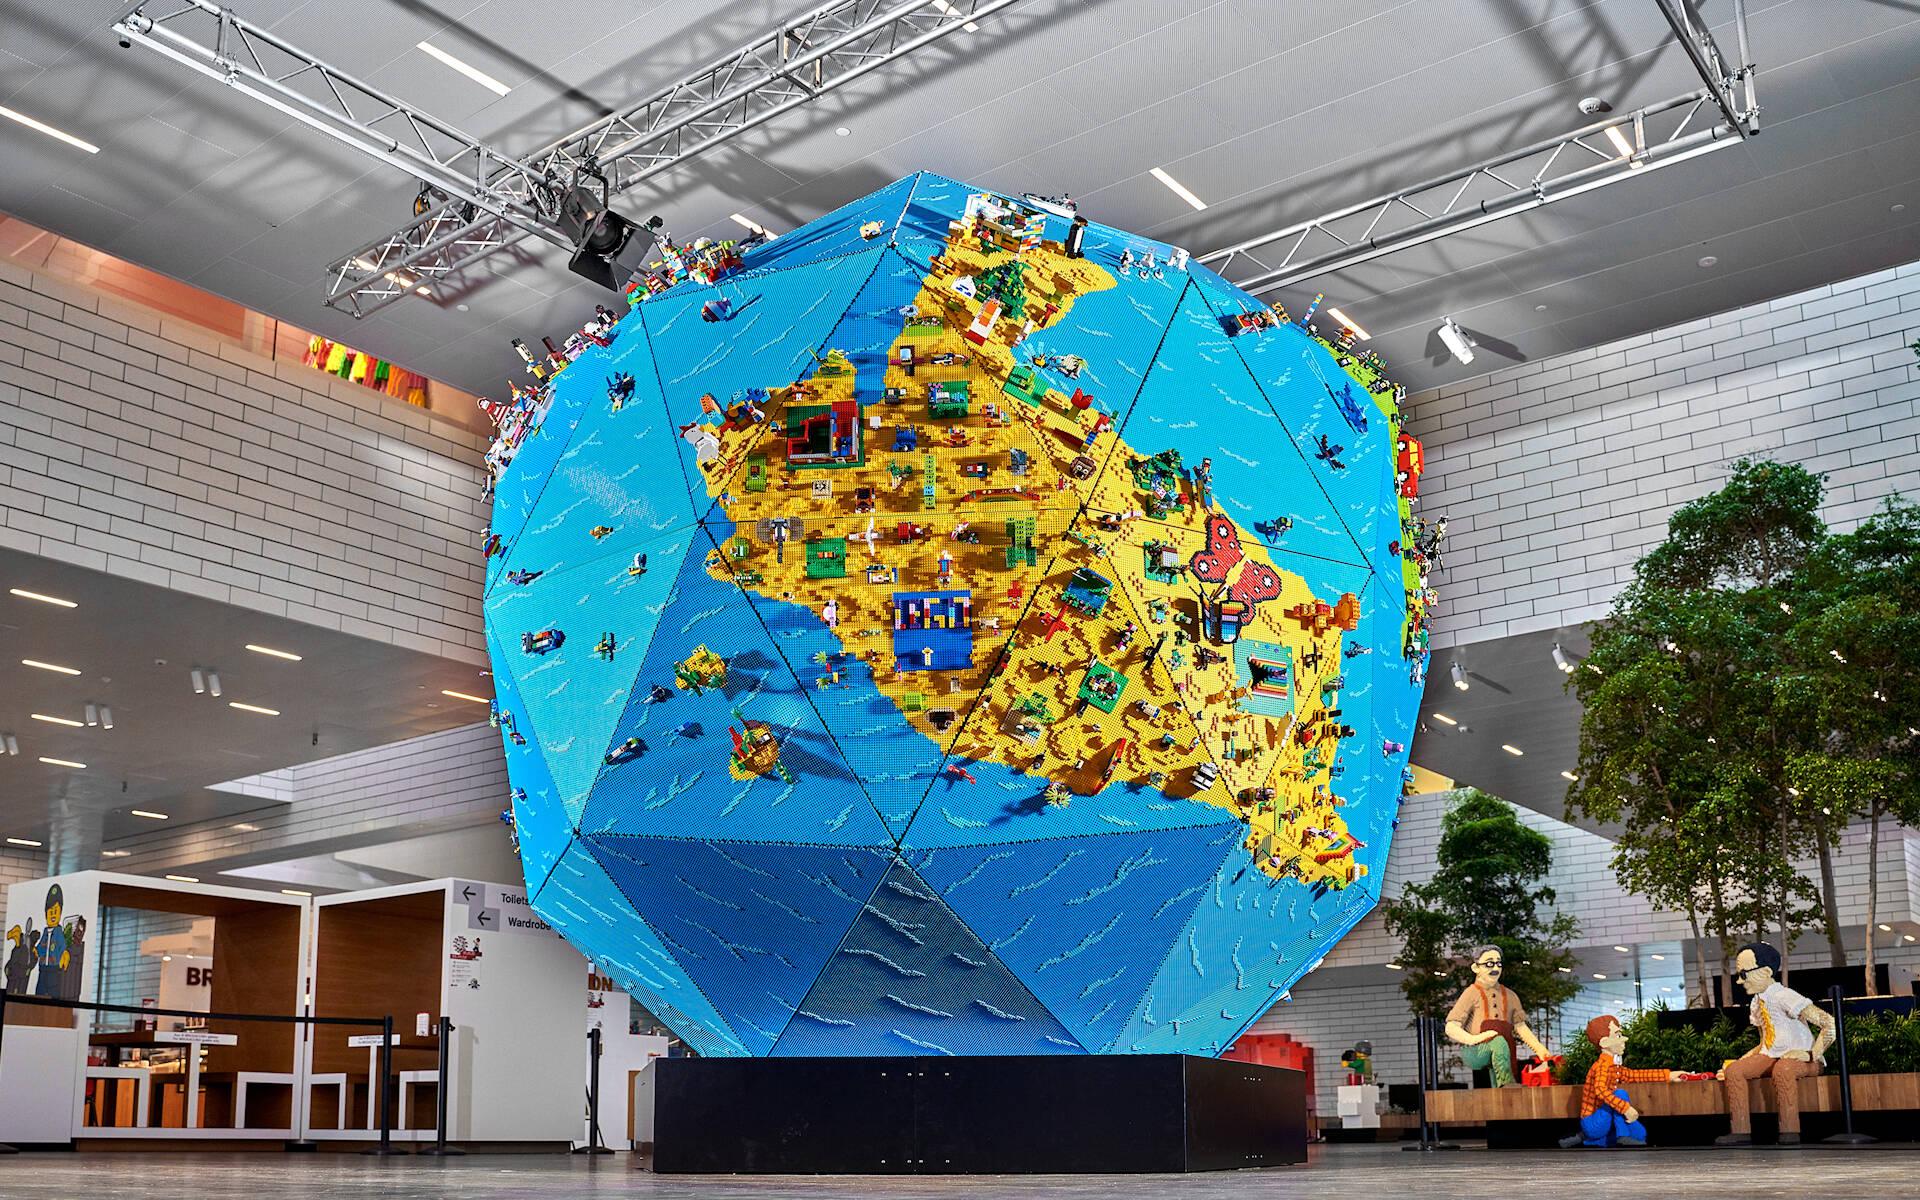 l'installazione creata per Rebuild the World